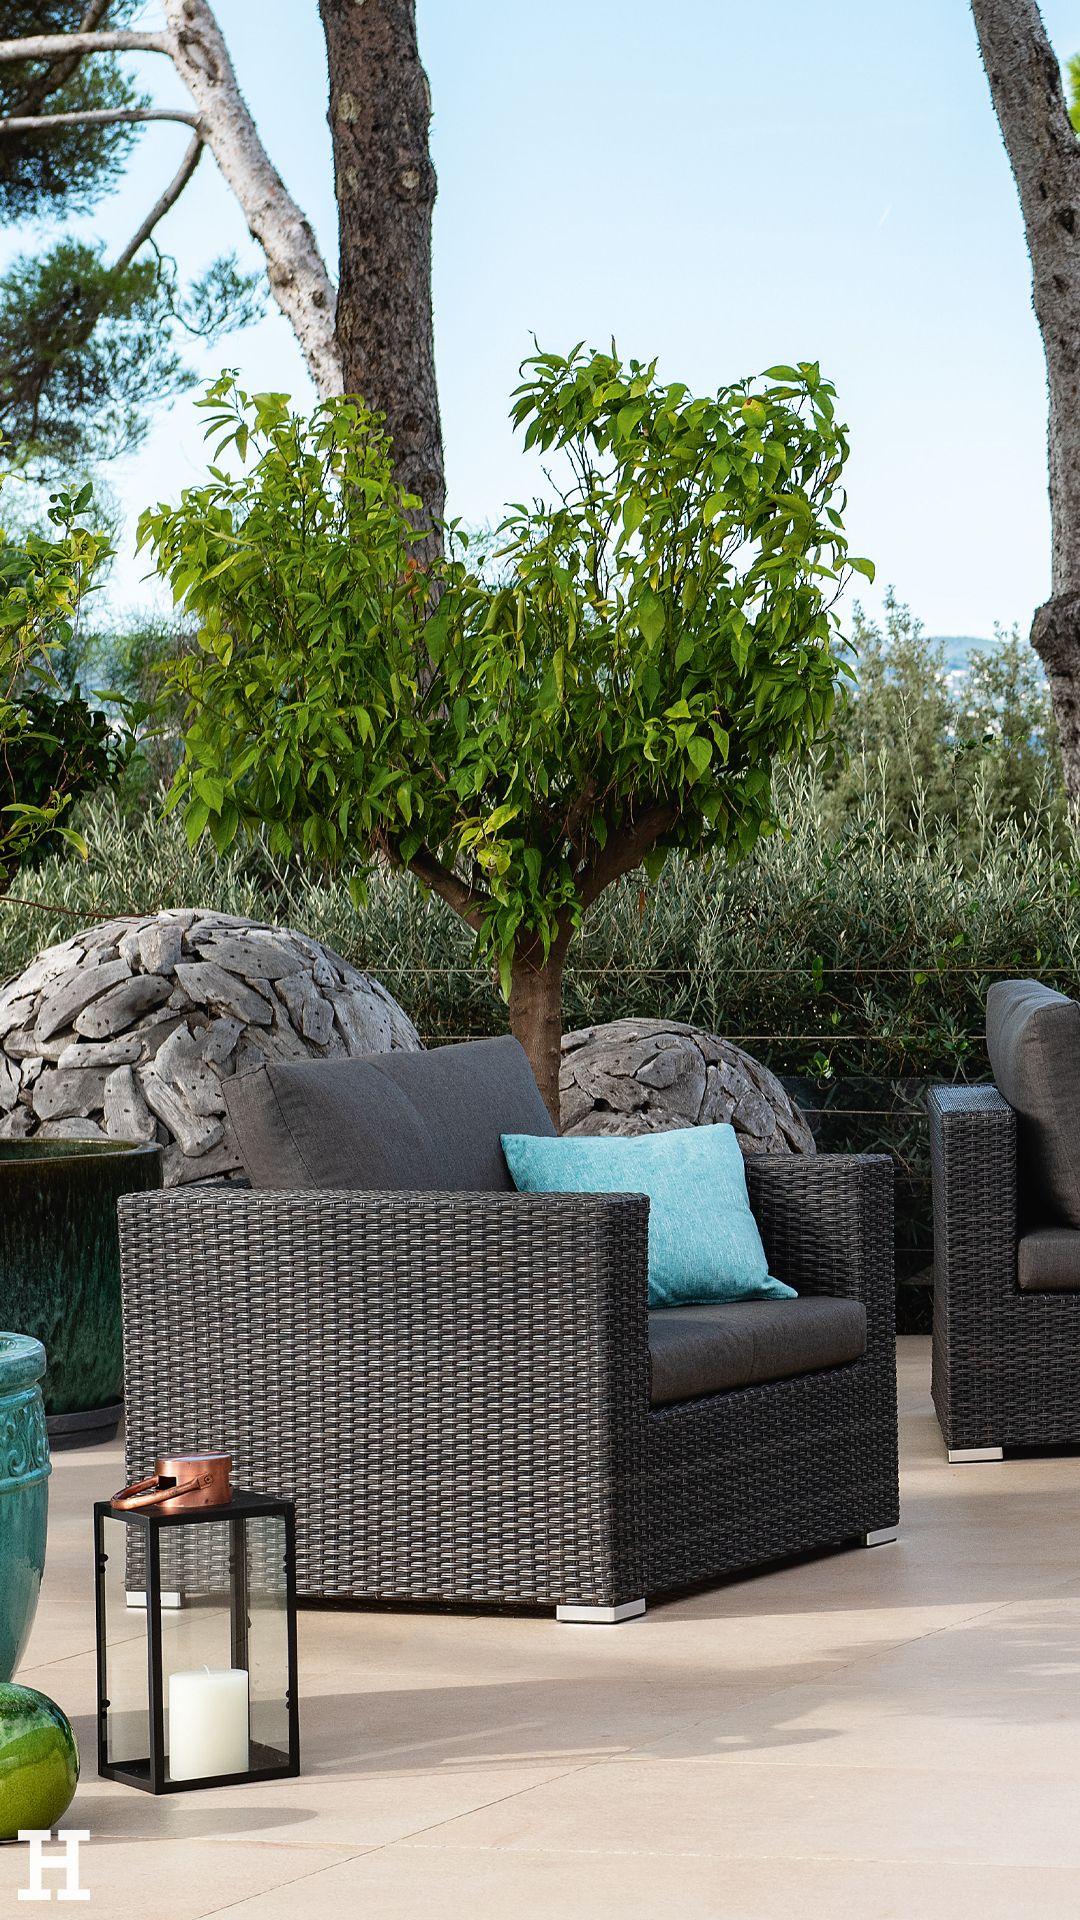 Das Ist Gemacht Fur Individualisten Bei Casablanca G Konnen Sie Eck Und Mittelelemente Sessel Und Hocker Oder Den Gartenmobel Terrassenmobel Wohnung Planen